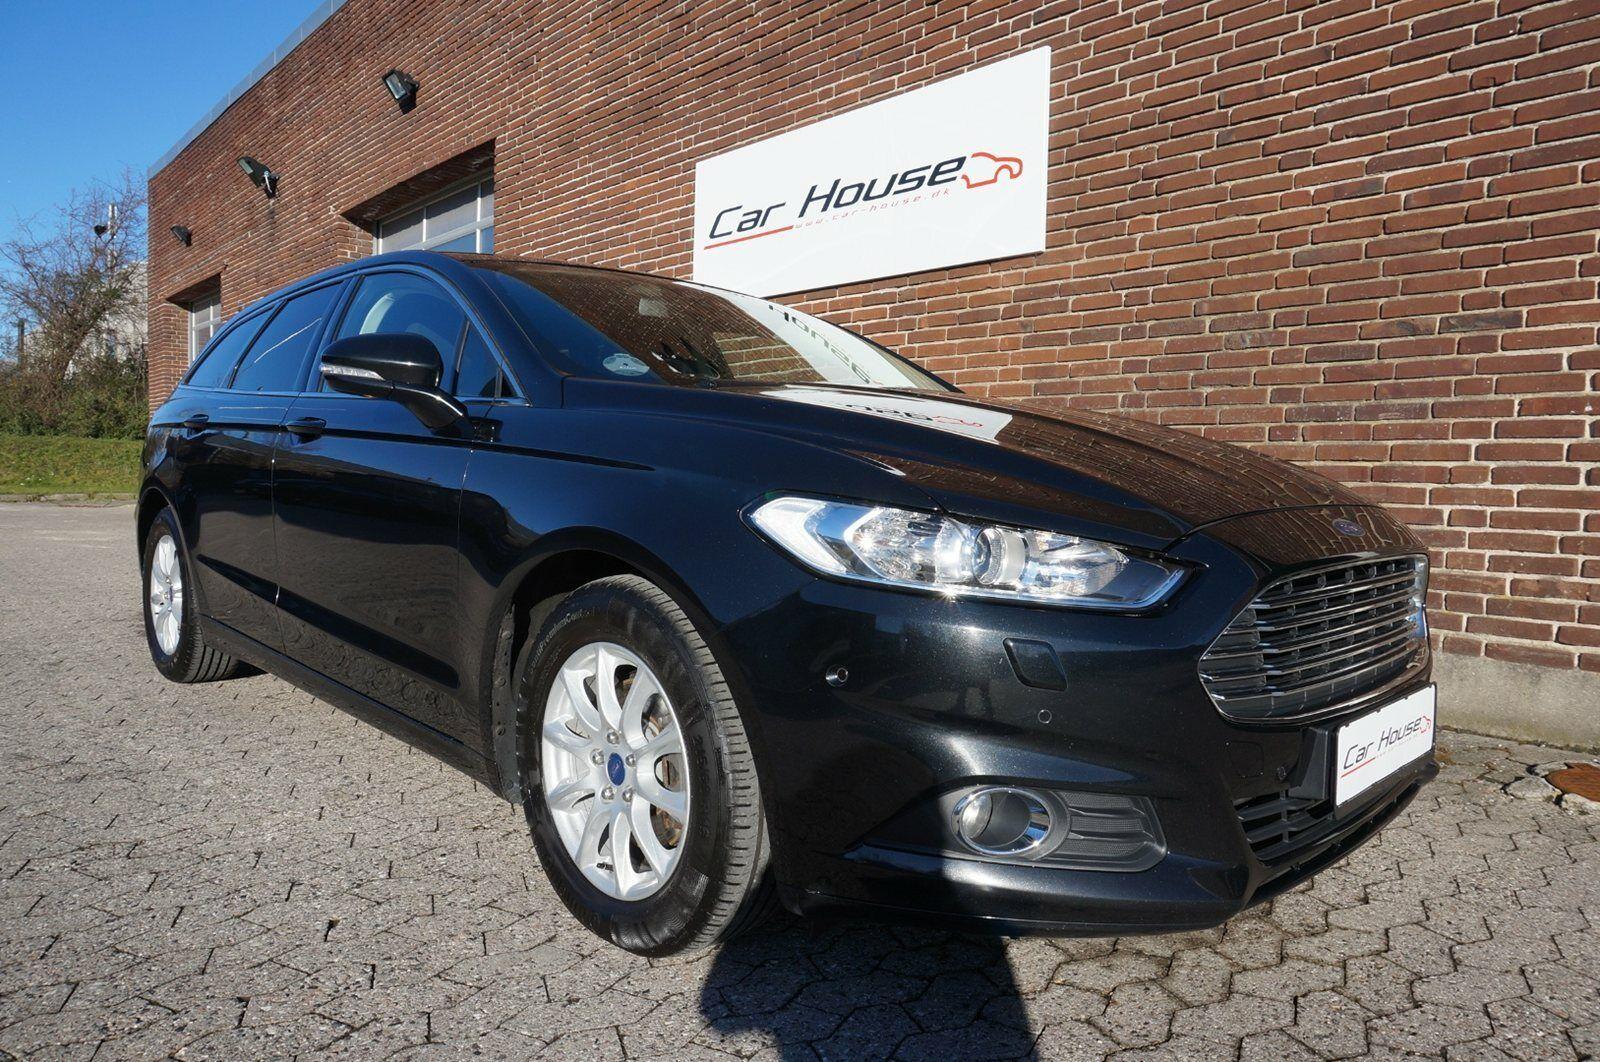 Ford Mondeo 2,0 TDCi 150 Trend stc. aut. 5d - 194.900 kr.